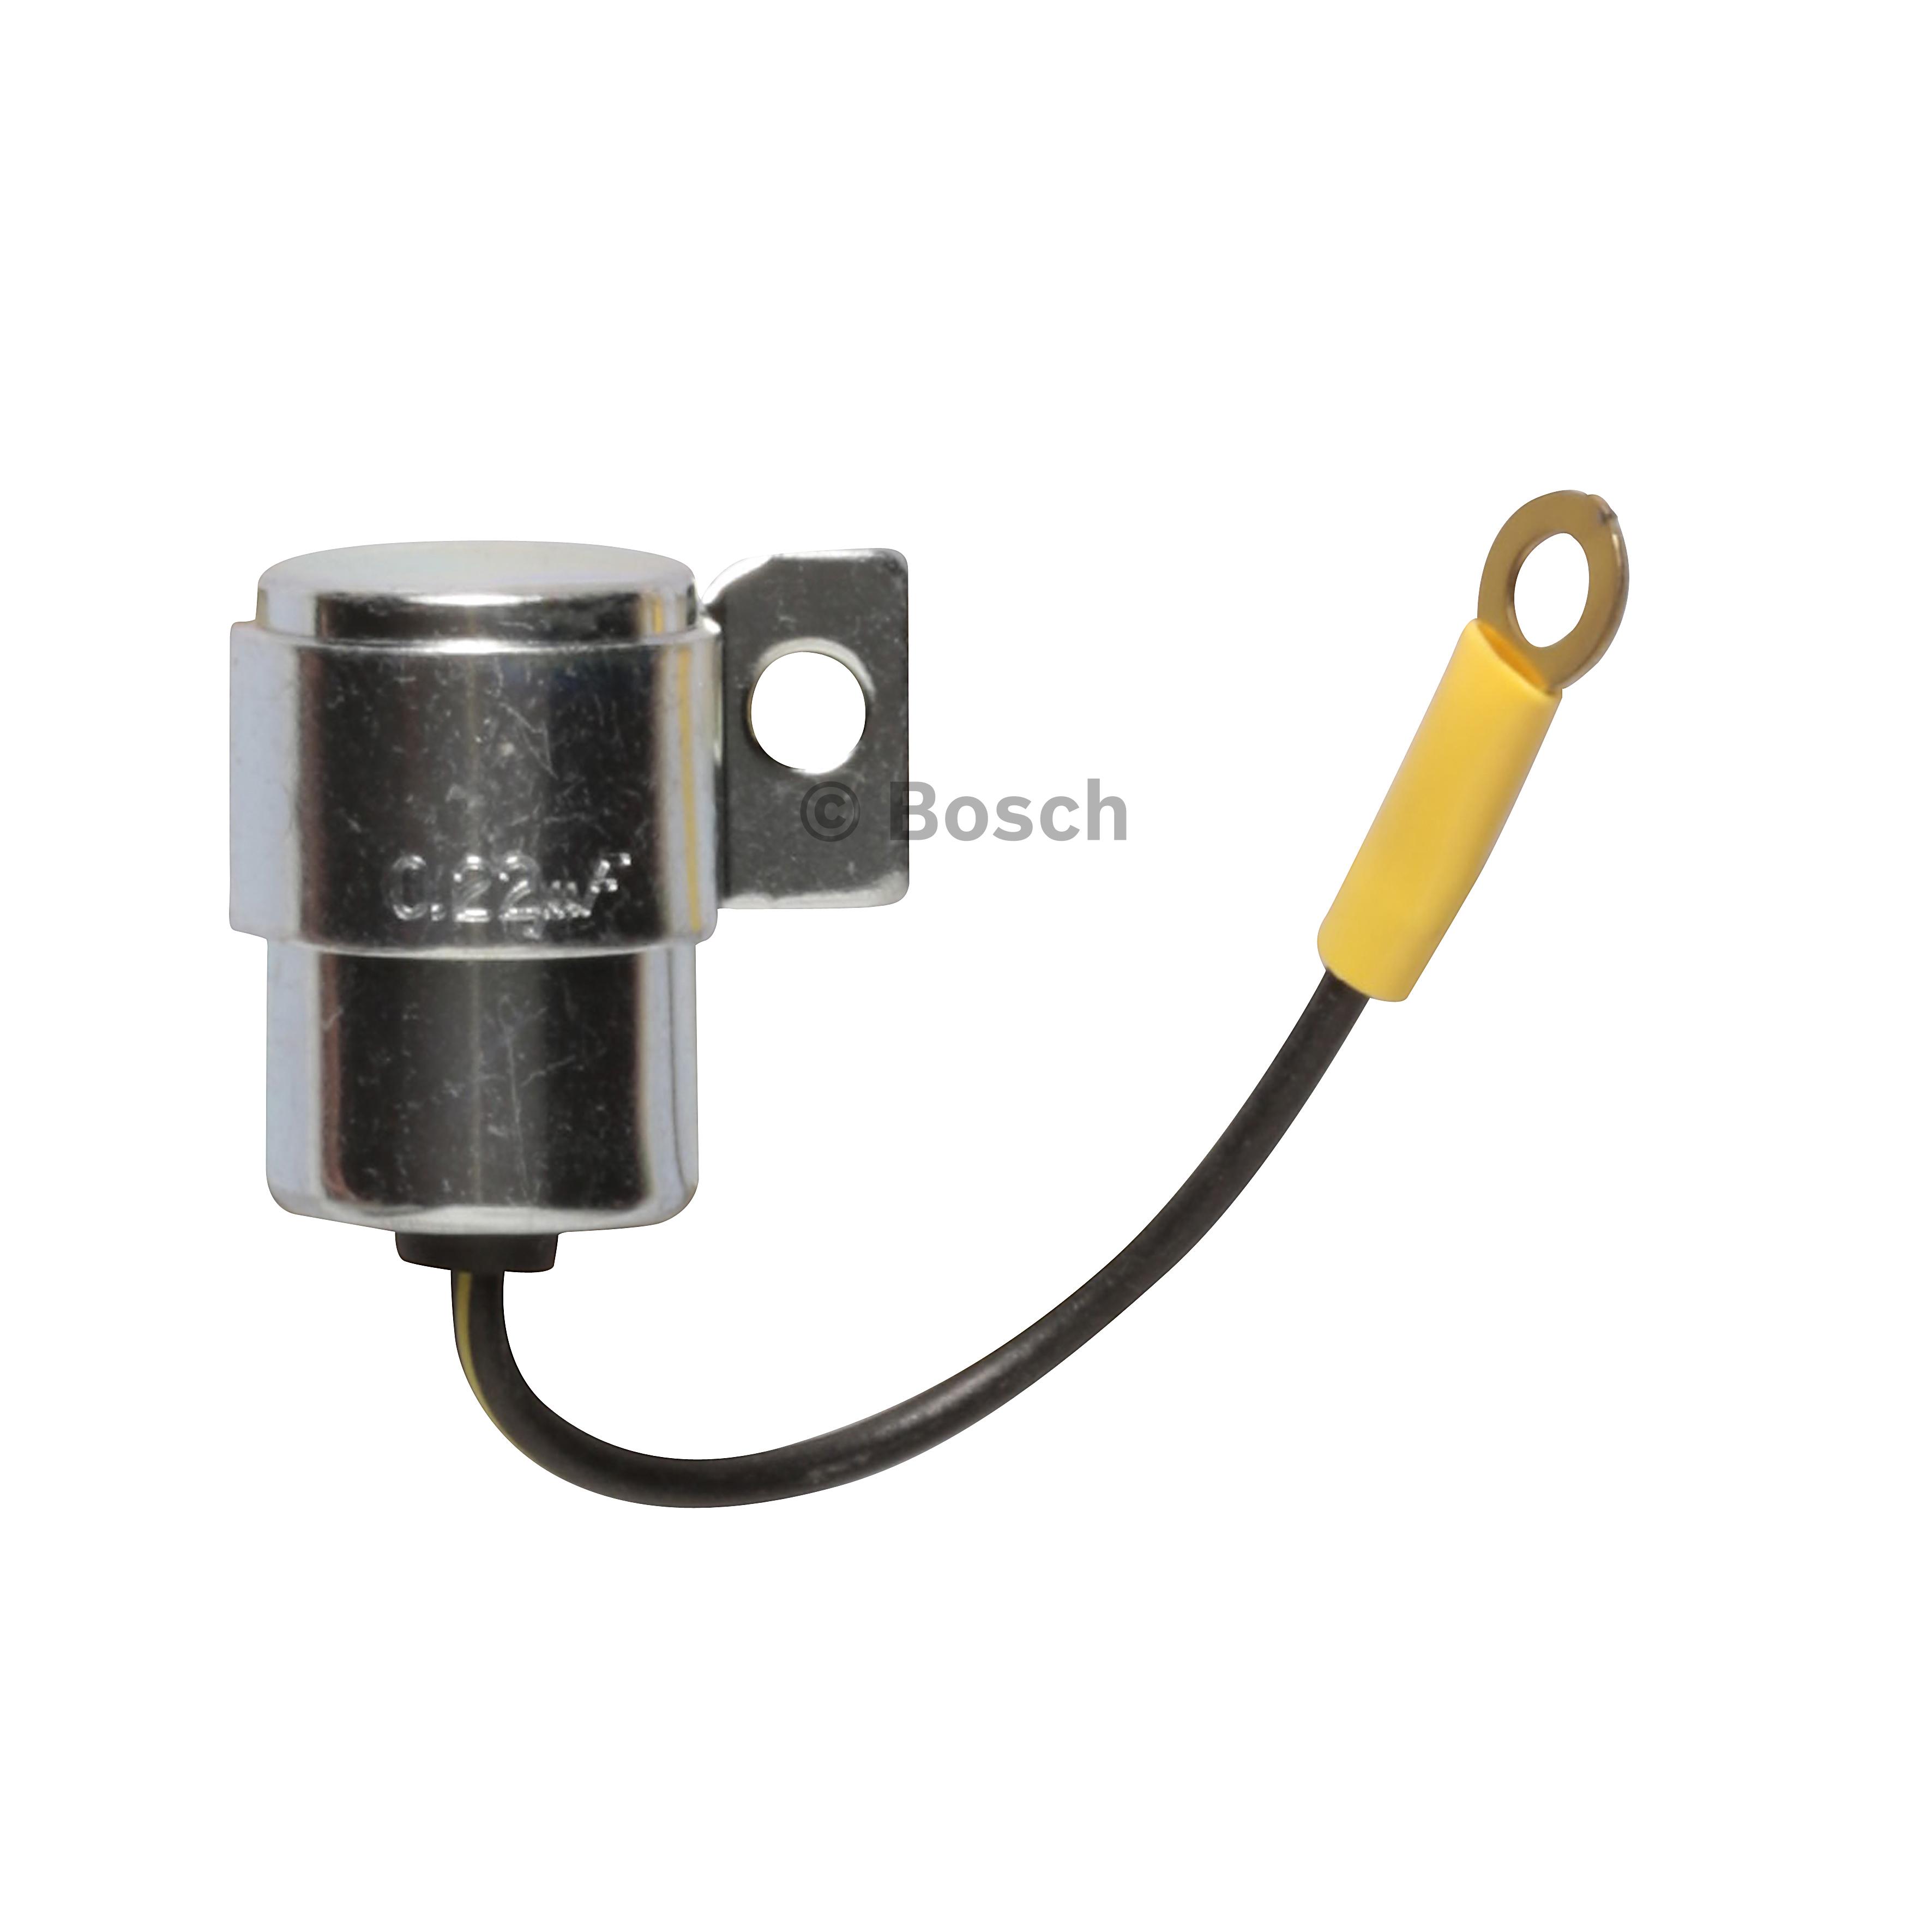 Bosch Ignition Condenser for Toyota Hiace 2.0 RH 2.0L Petrol 18R 1977-1982